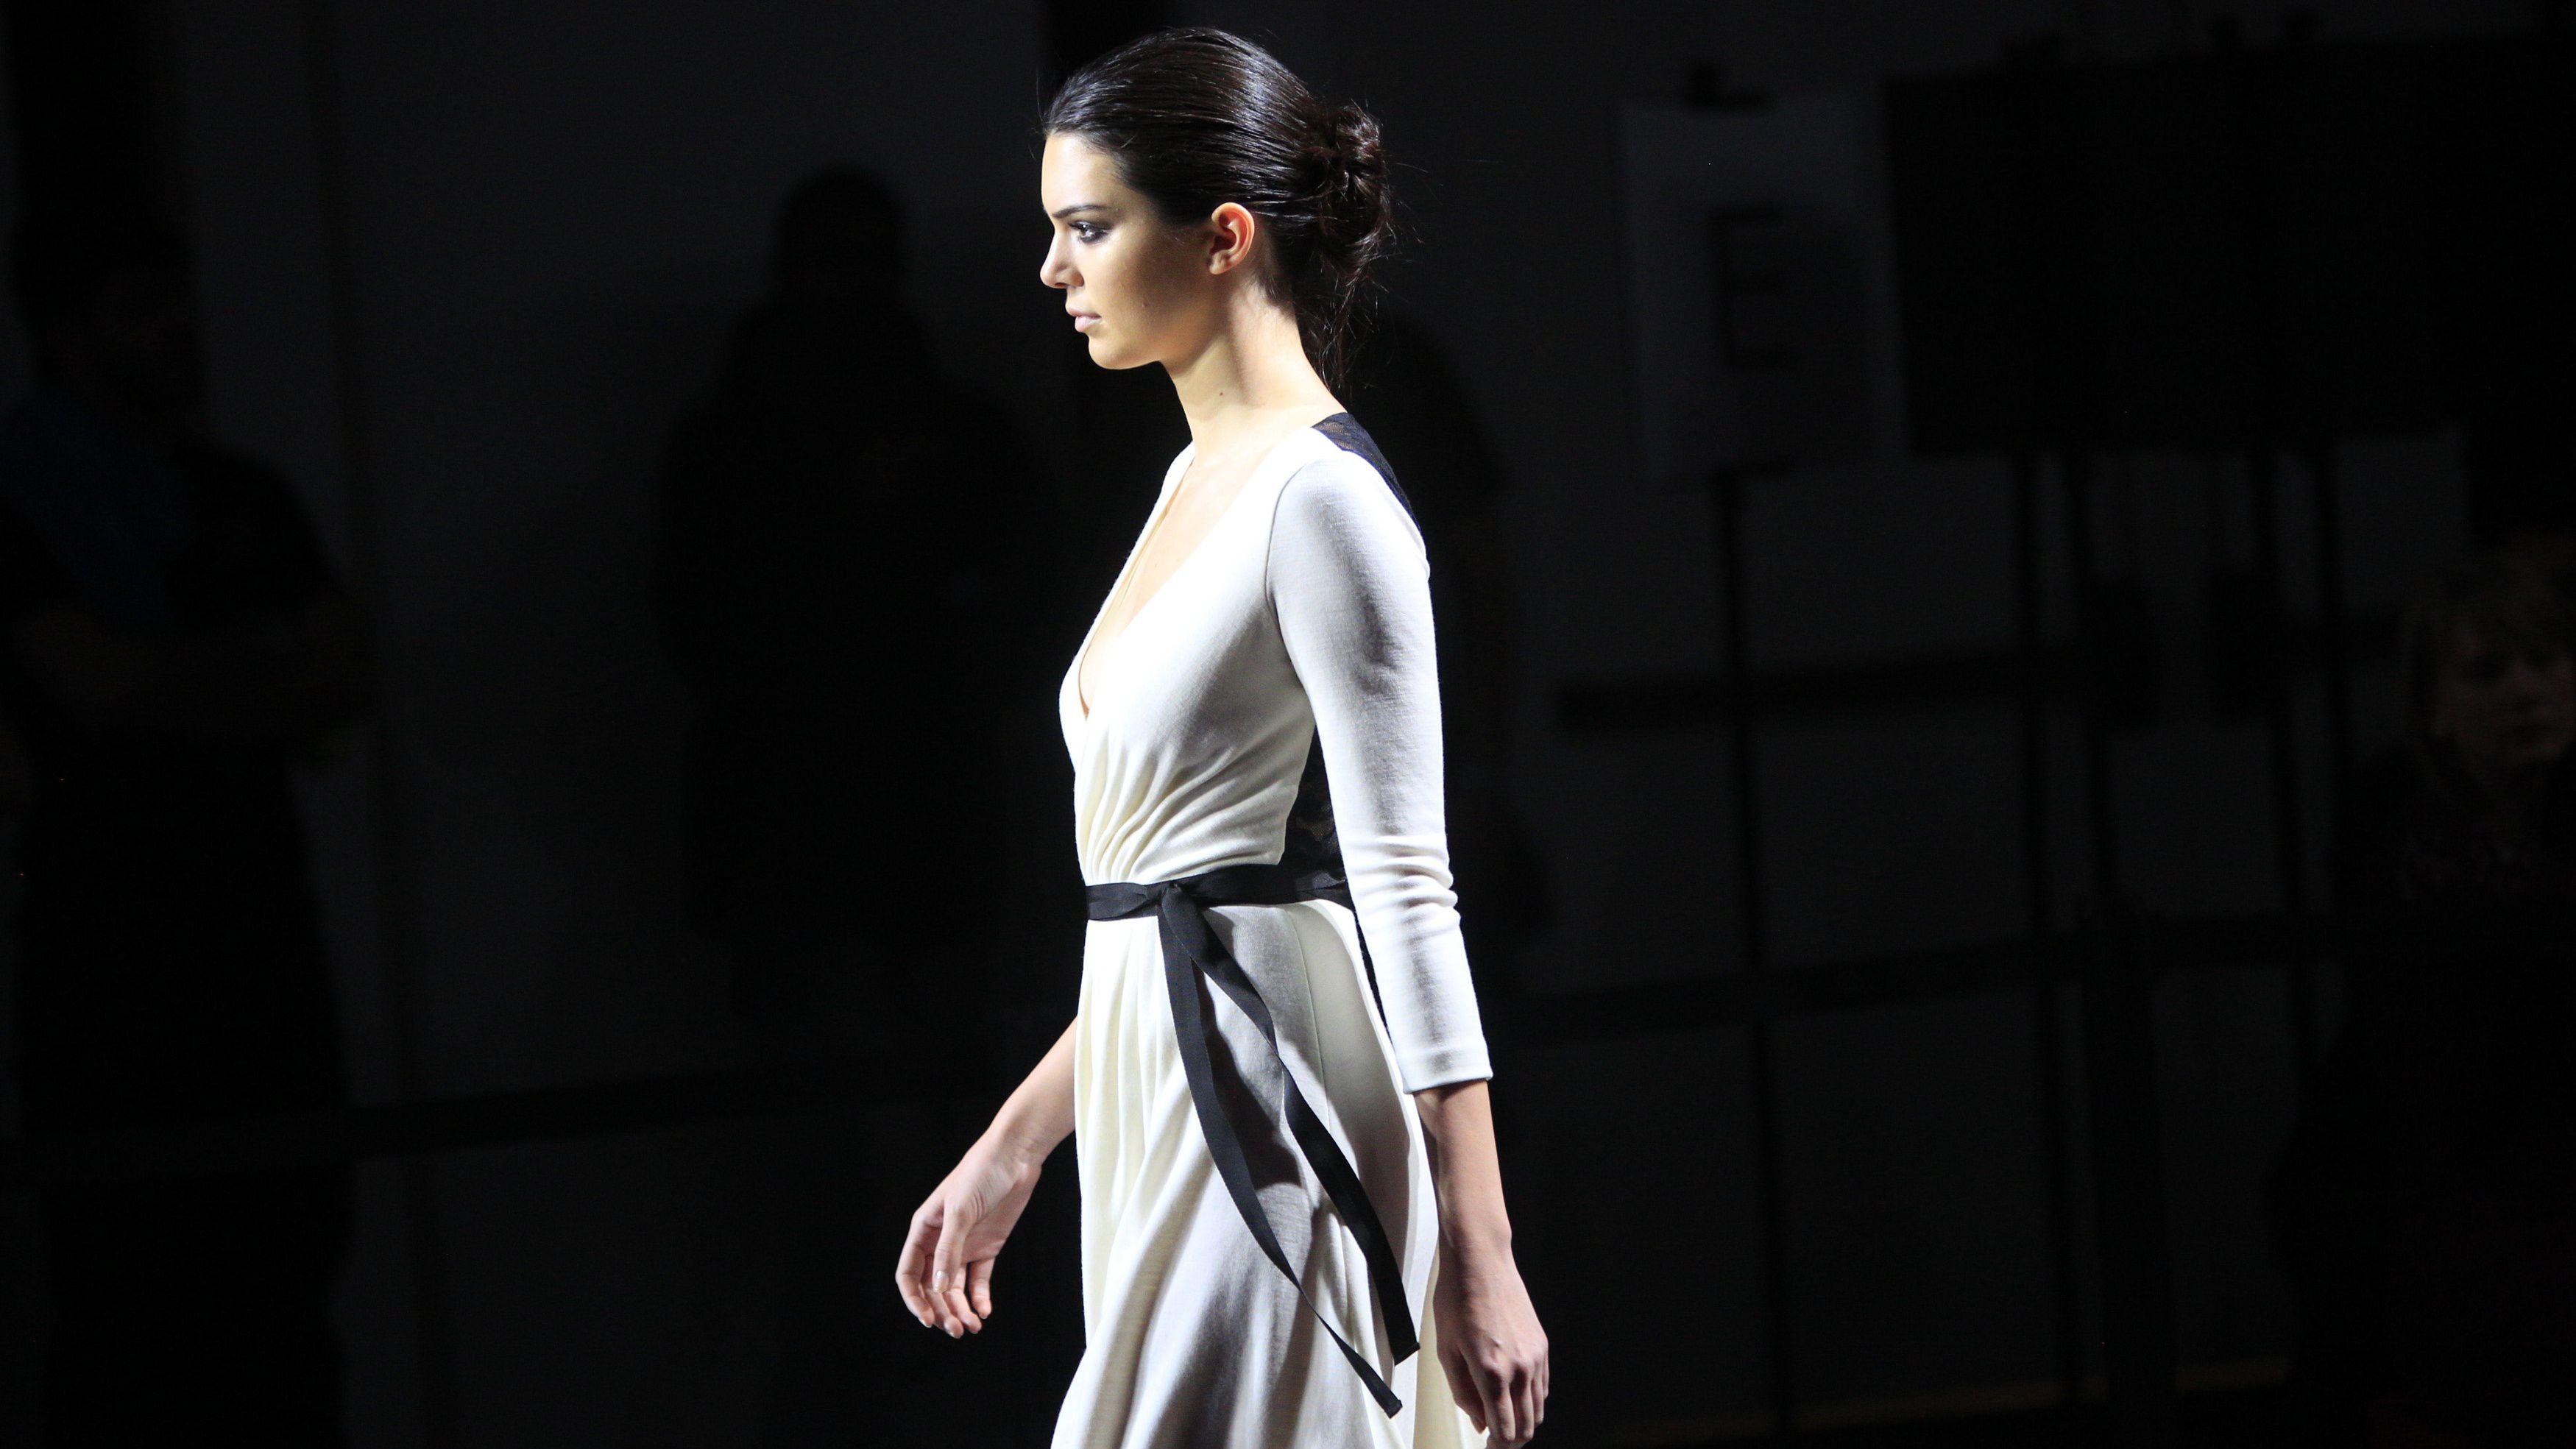 kendall jenner, new york fashion week, diane von furstenberg, fashion, style, lifestyle, instagram